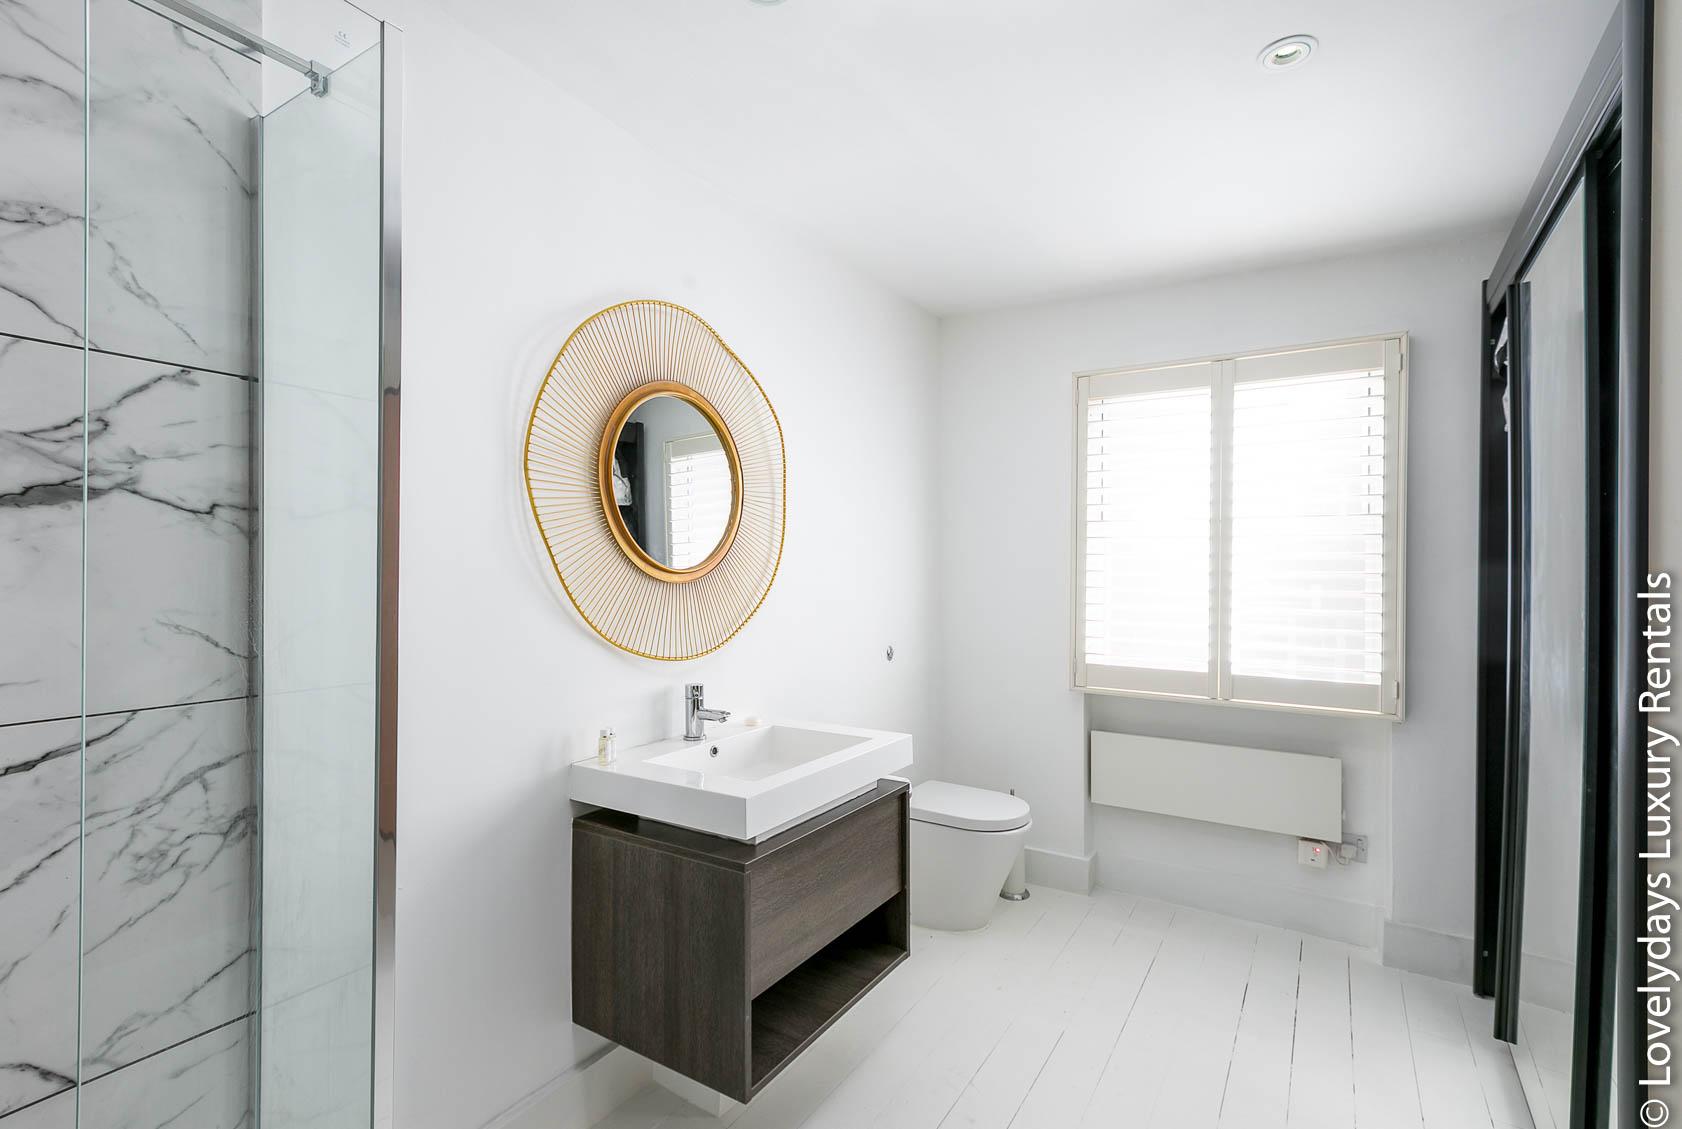 Lovelydays luxury service apartment rental - London - Fitzrovia - Goodge 55 - Lovelysuite - 2 bedrooms - 3 bathrooms - Lovely shower - 522d62efef6b - Lovelydays